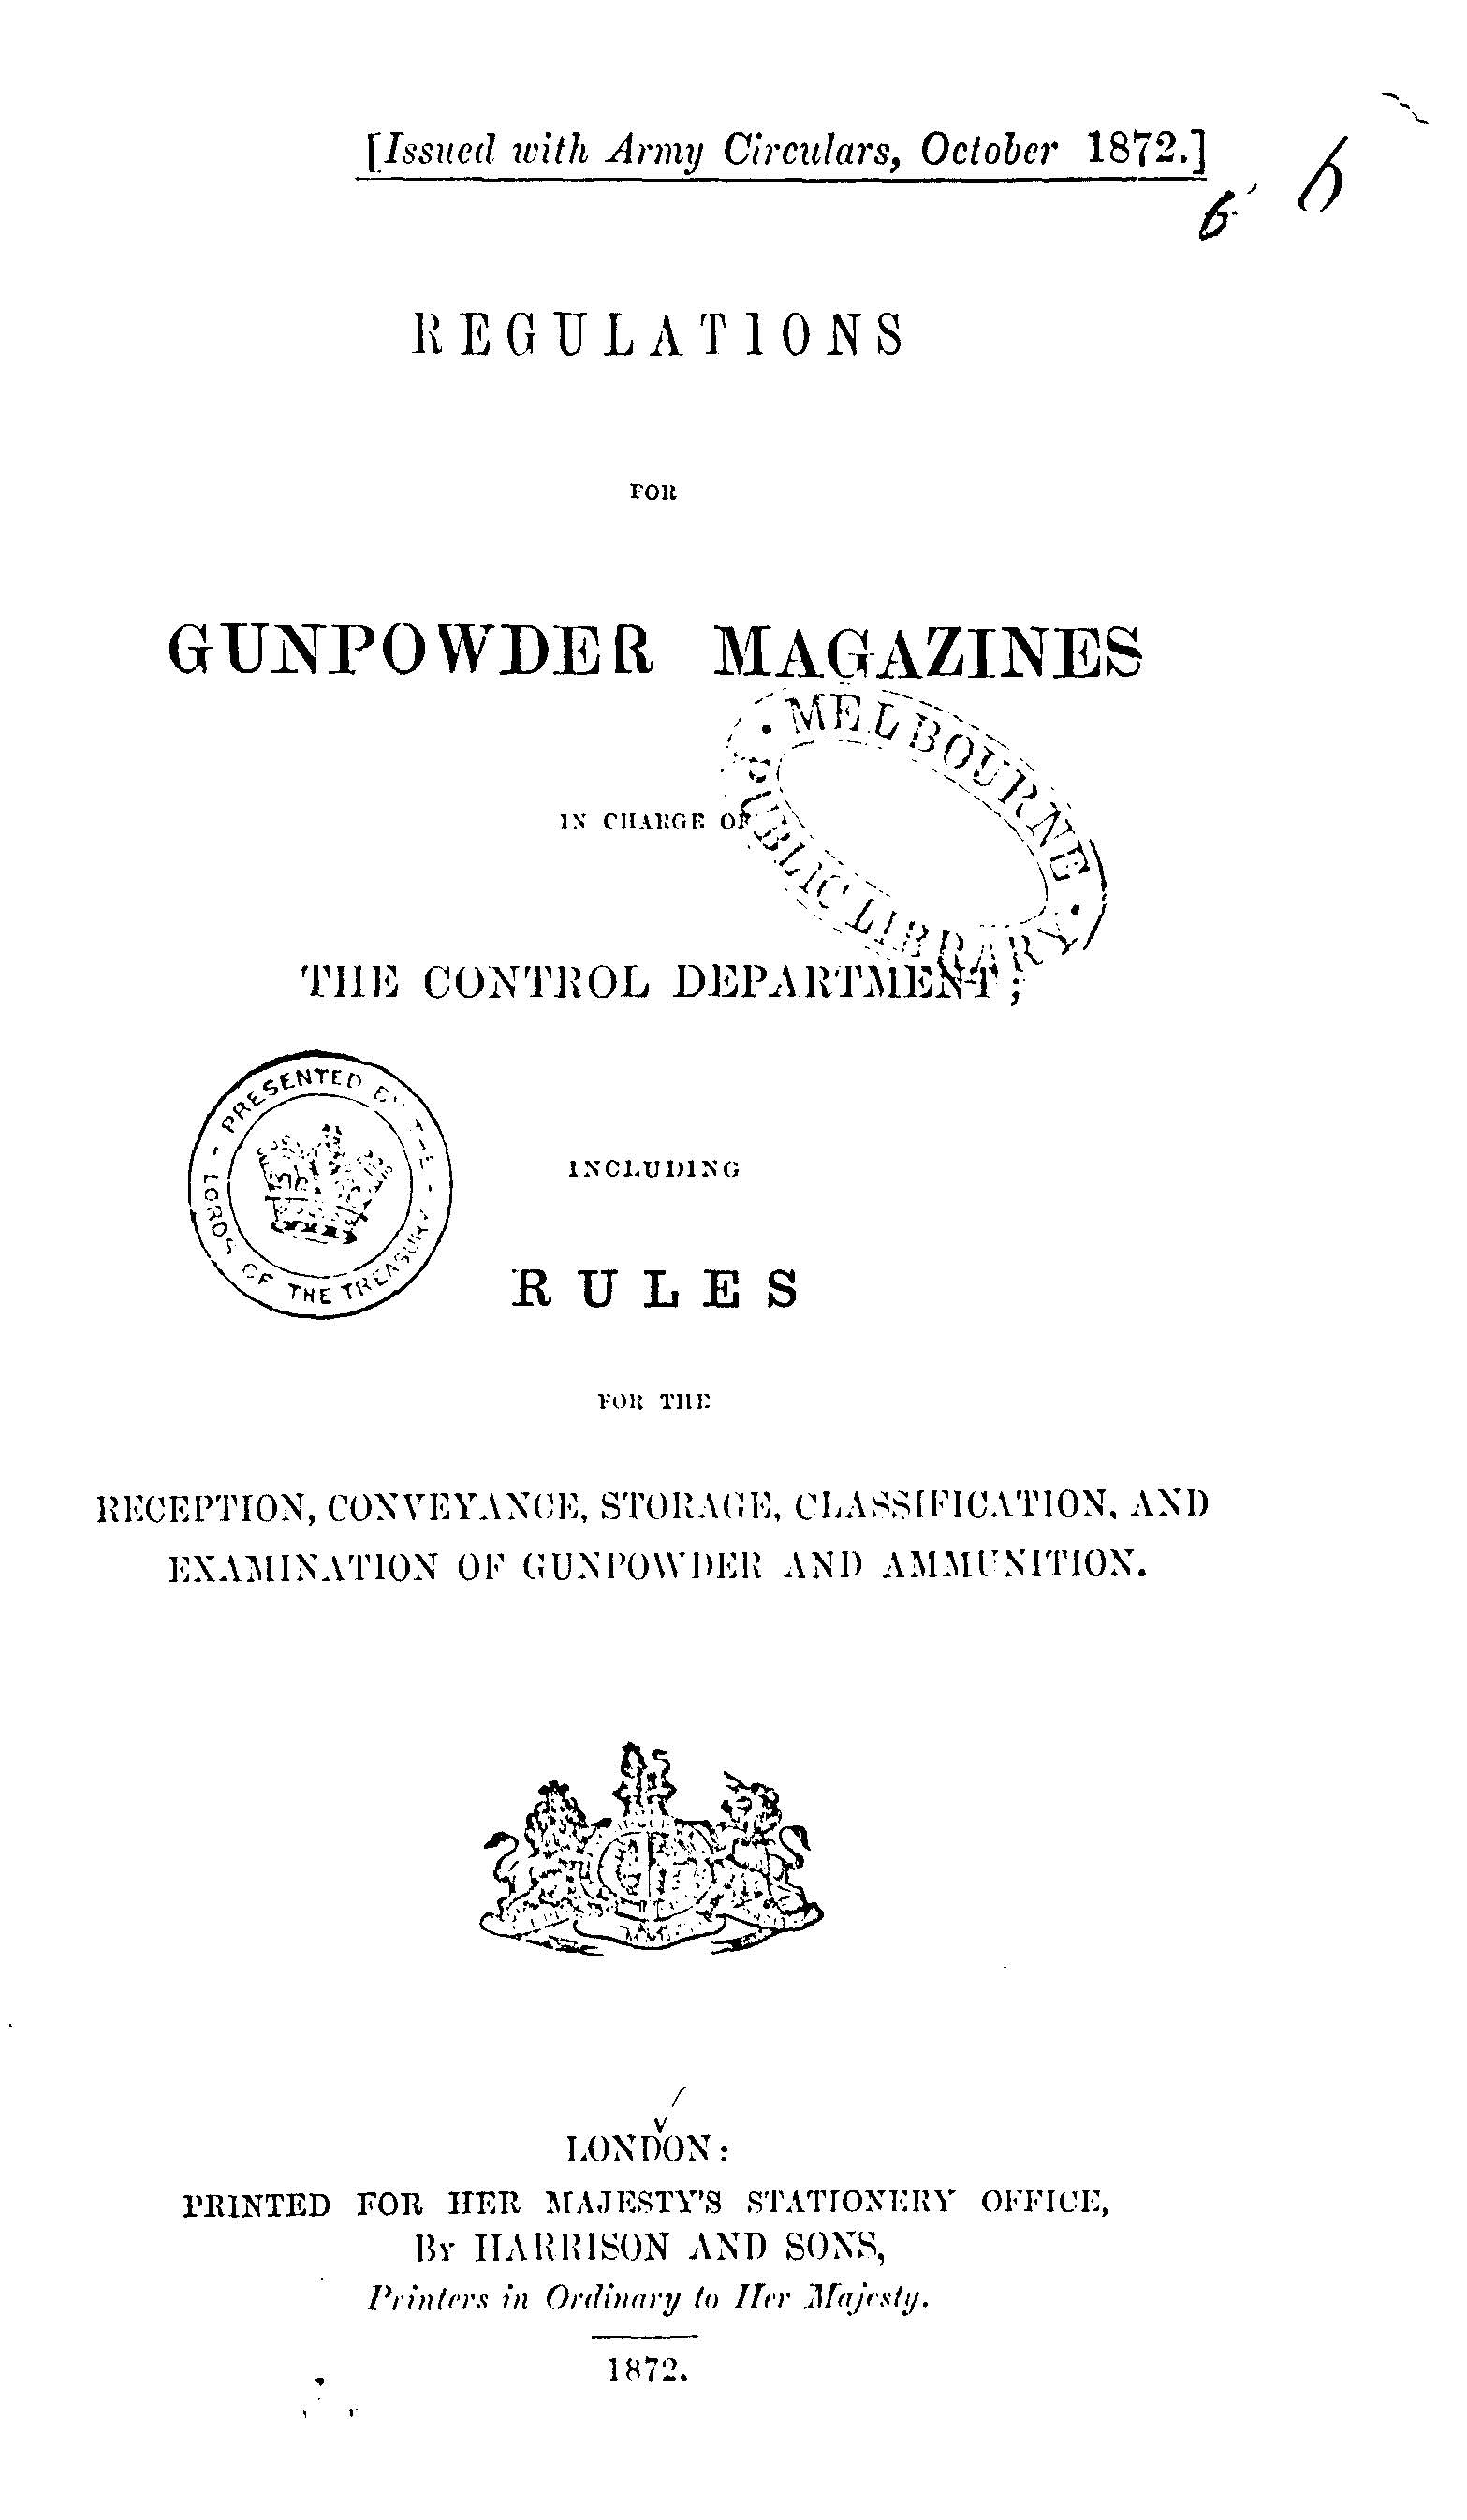 gunpowder regs_Page_01